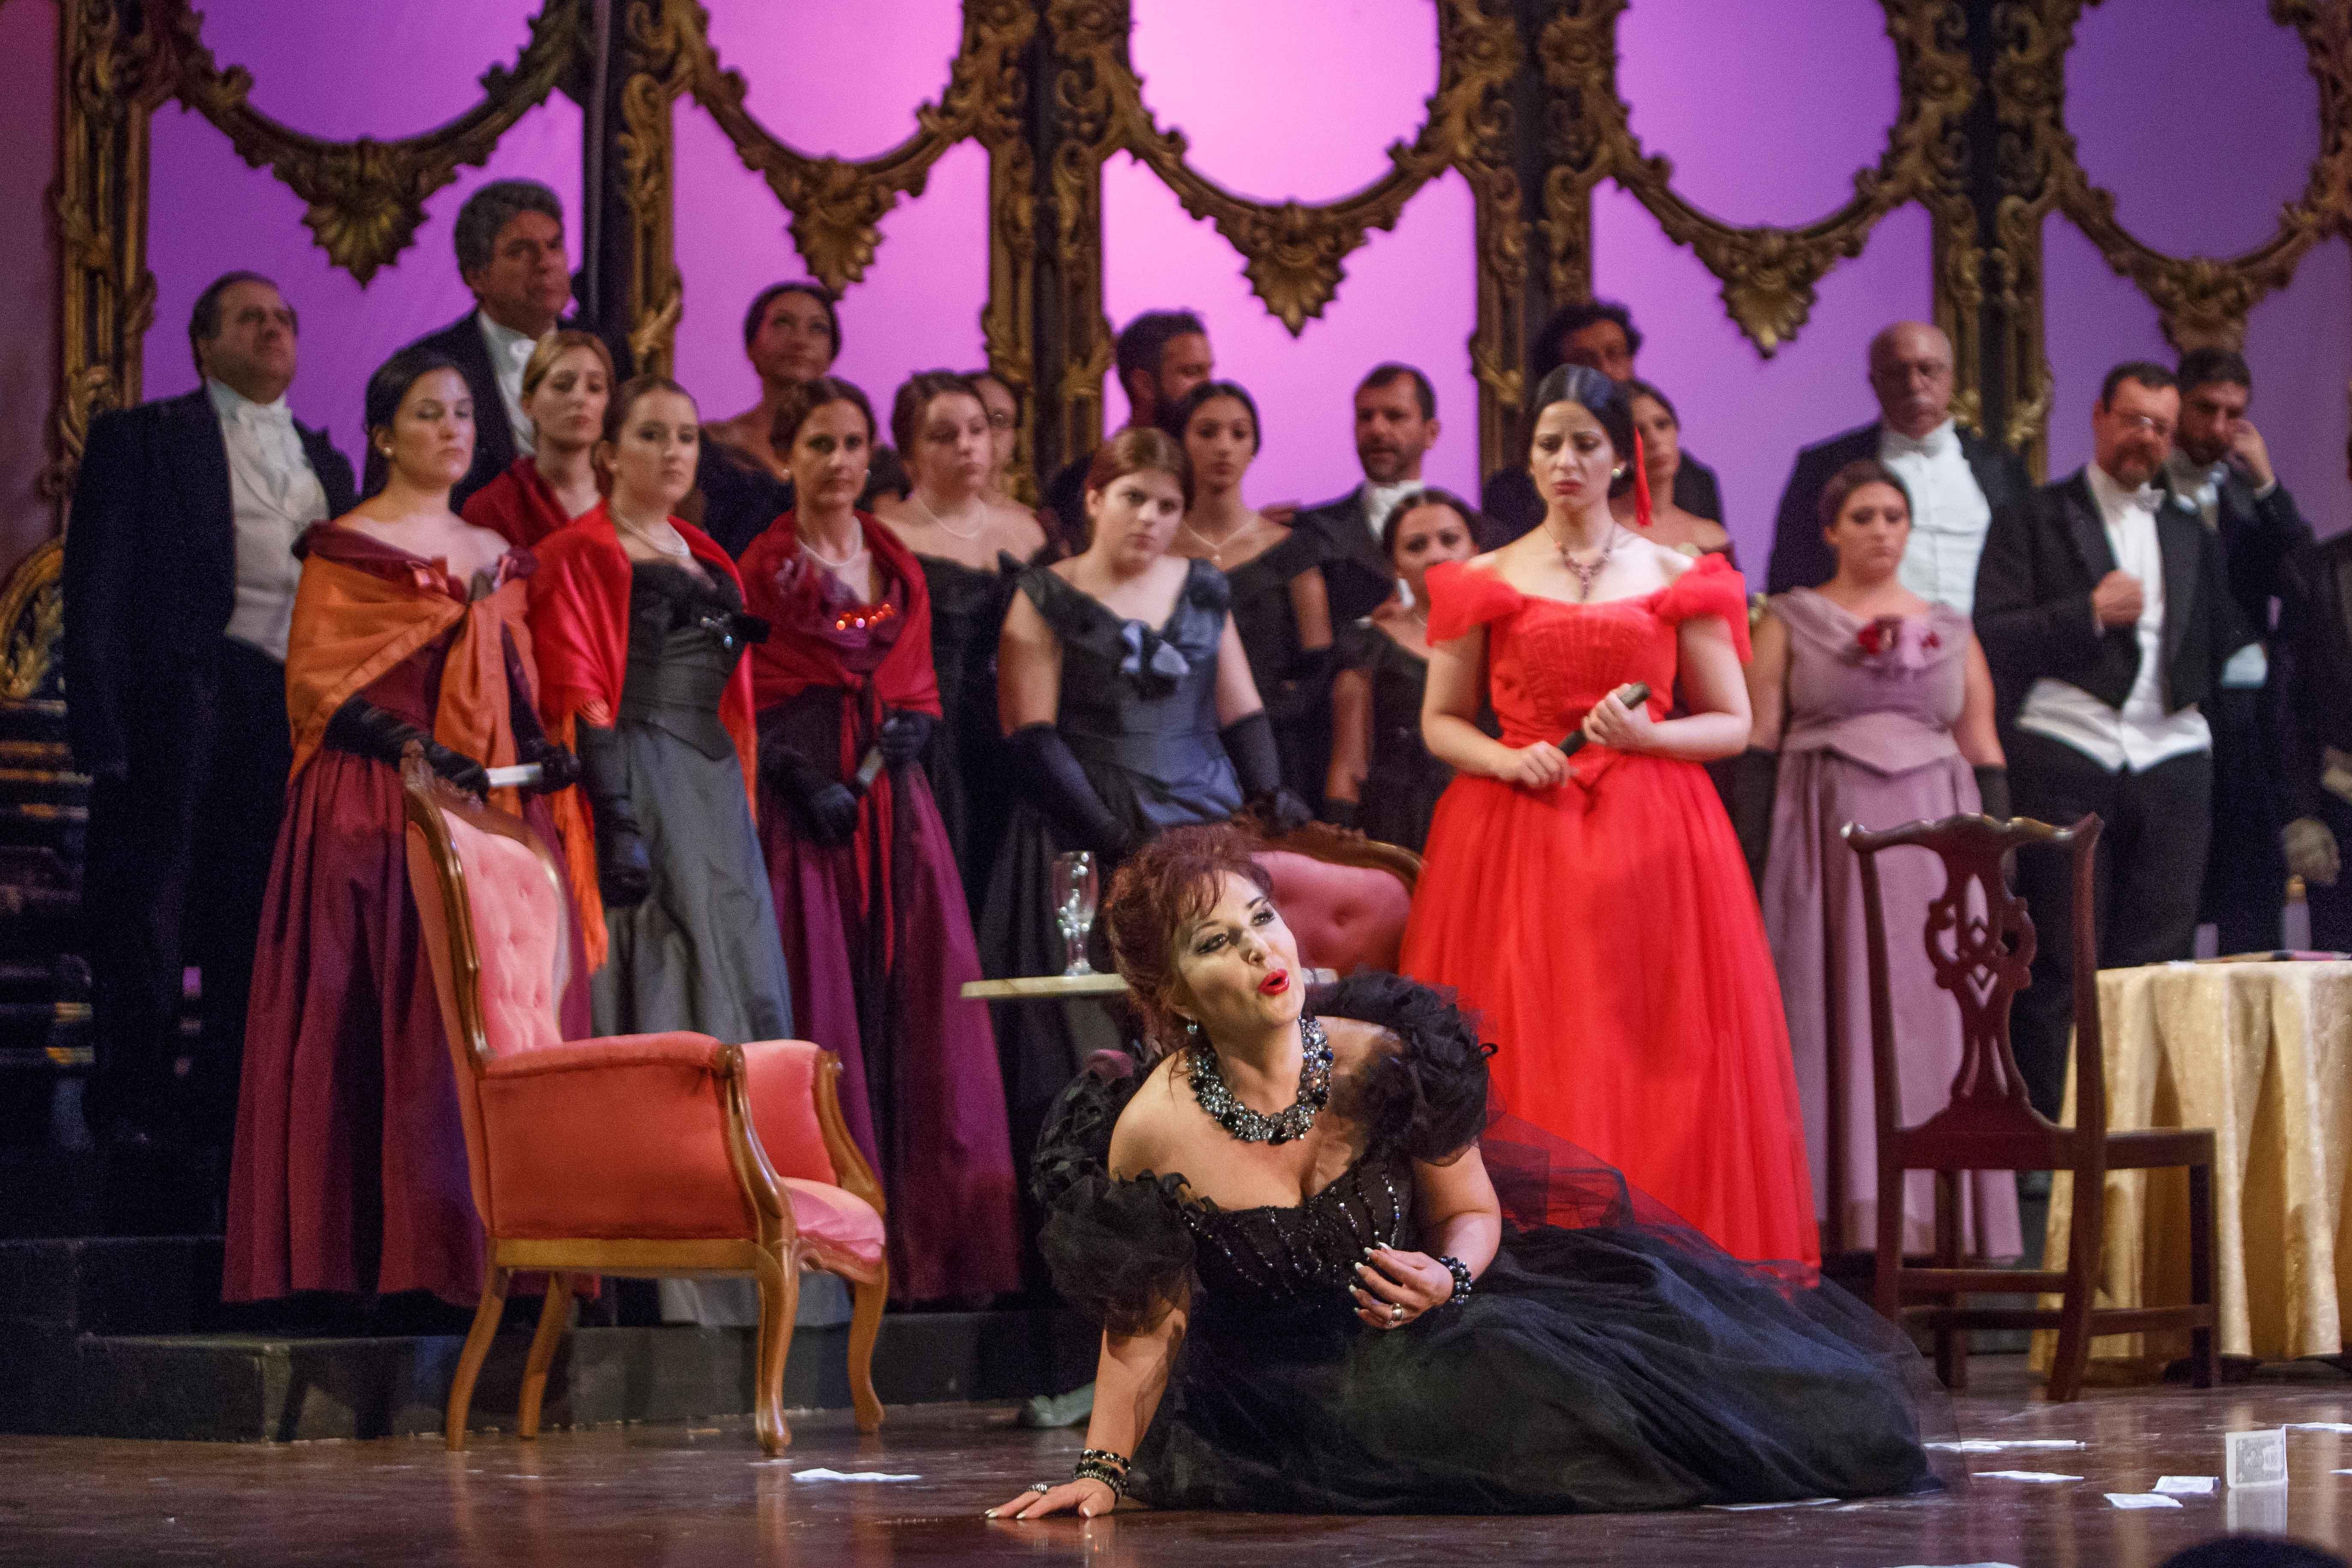 La Traviata Opera Malta Philharmonic Orchestra (2)